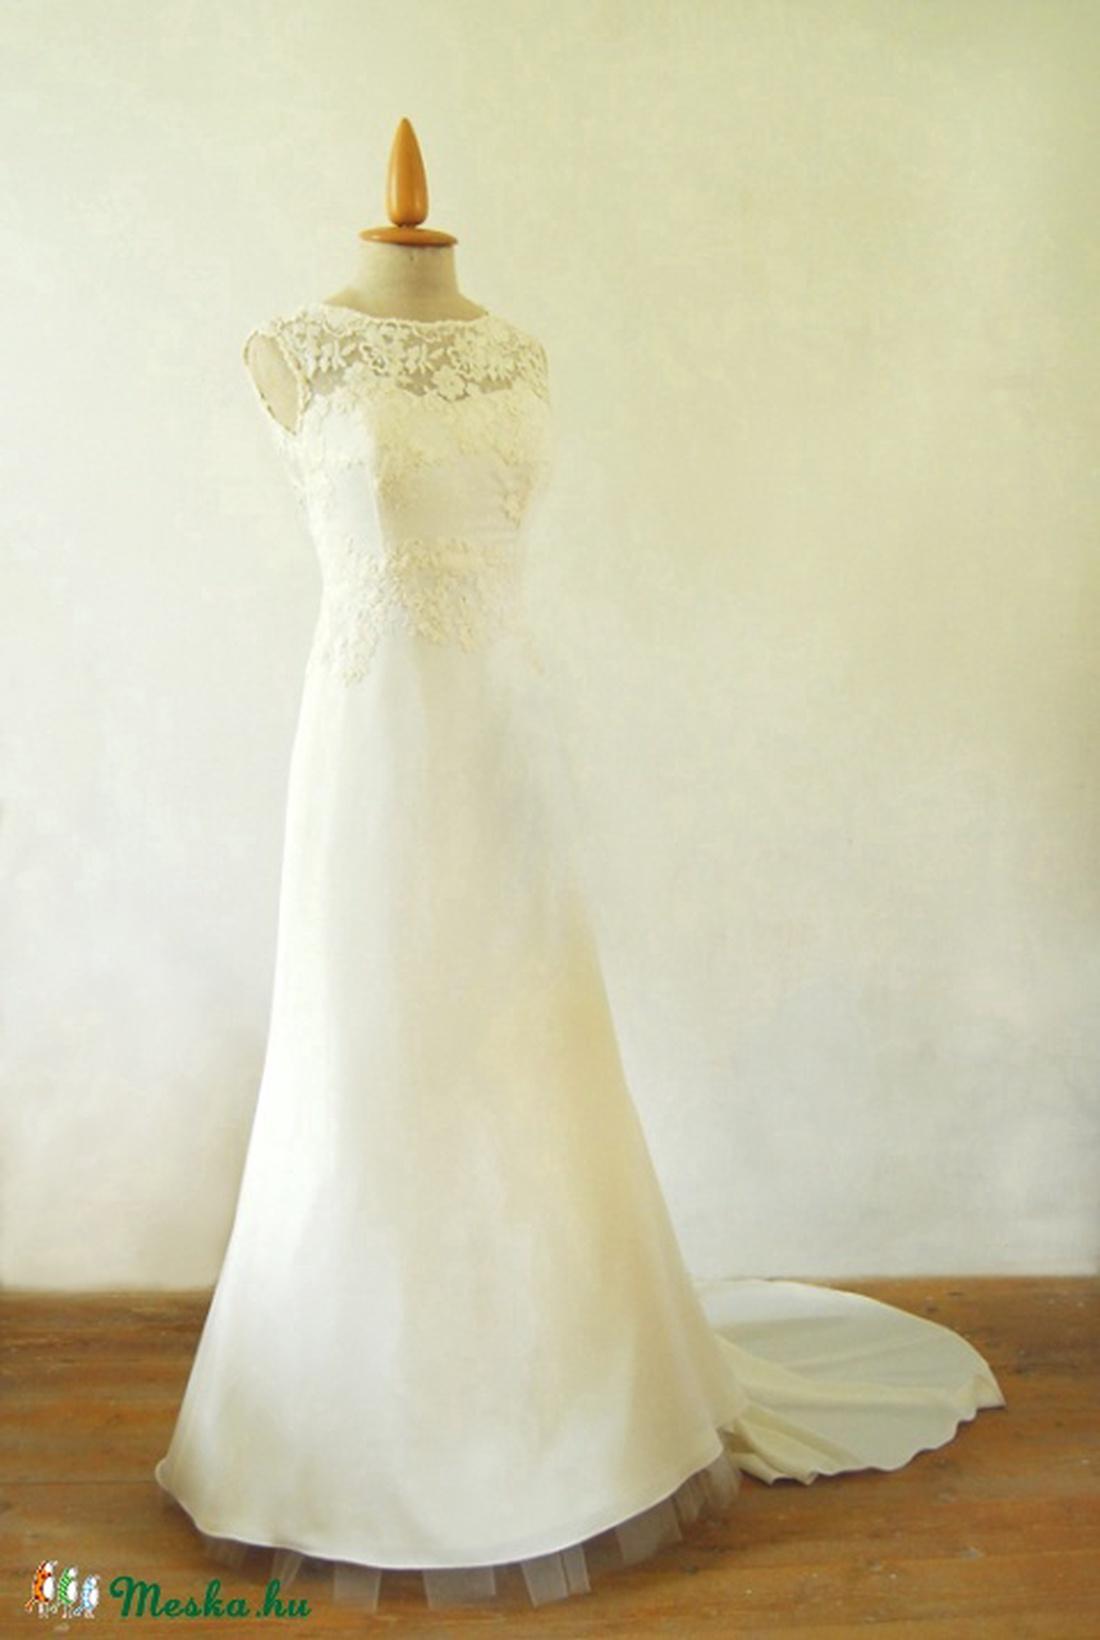 af57c4efd7 Uszályos menyasszonyi ruha (Szabovszki) - Meska.hu